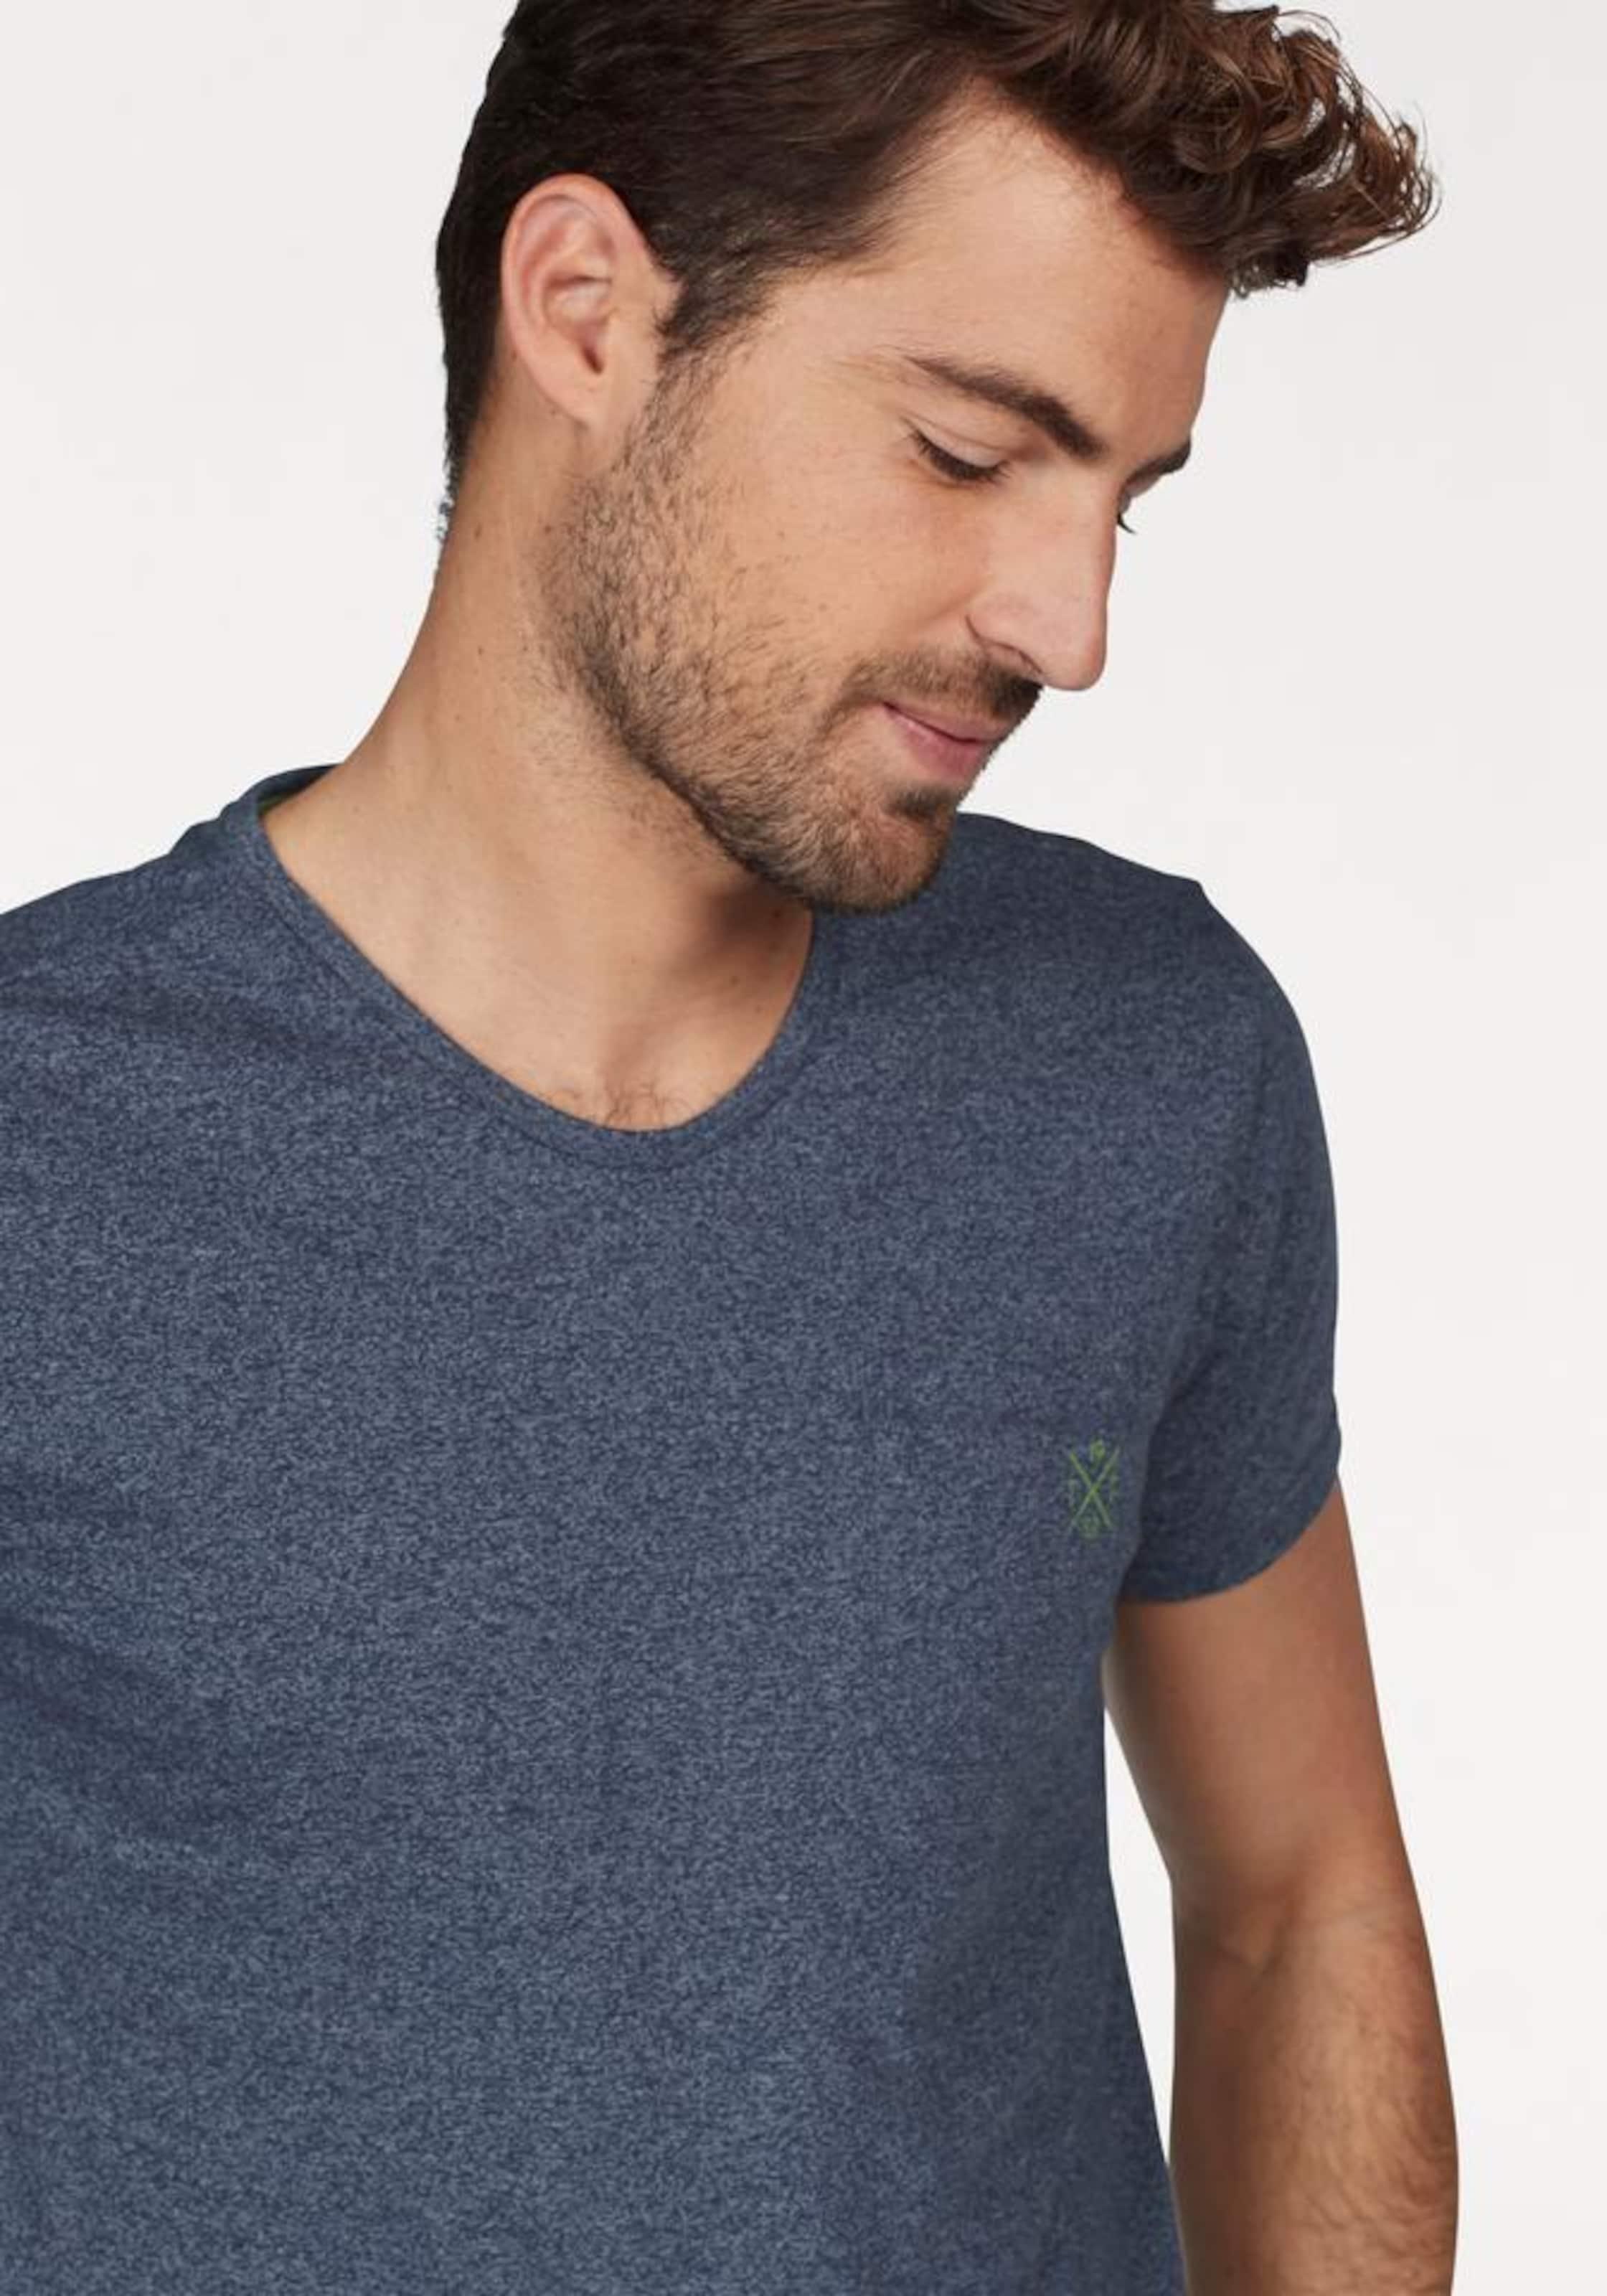 Billige Offizielle Seite TOM TAILOR T-Shirt Billige Sammlungen Angebote Online Verkauf Sammlungen Billige Finish Zhyblyj